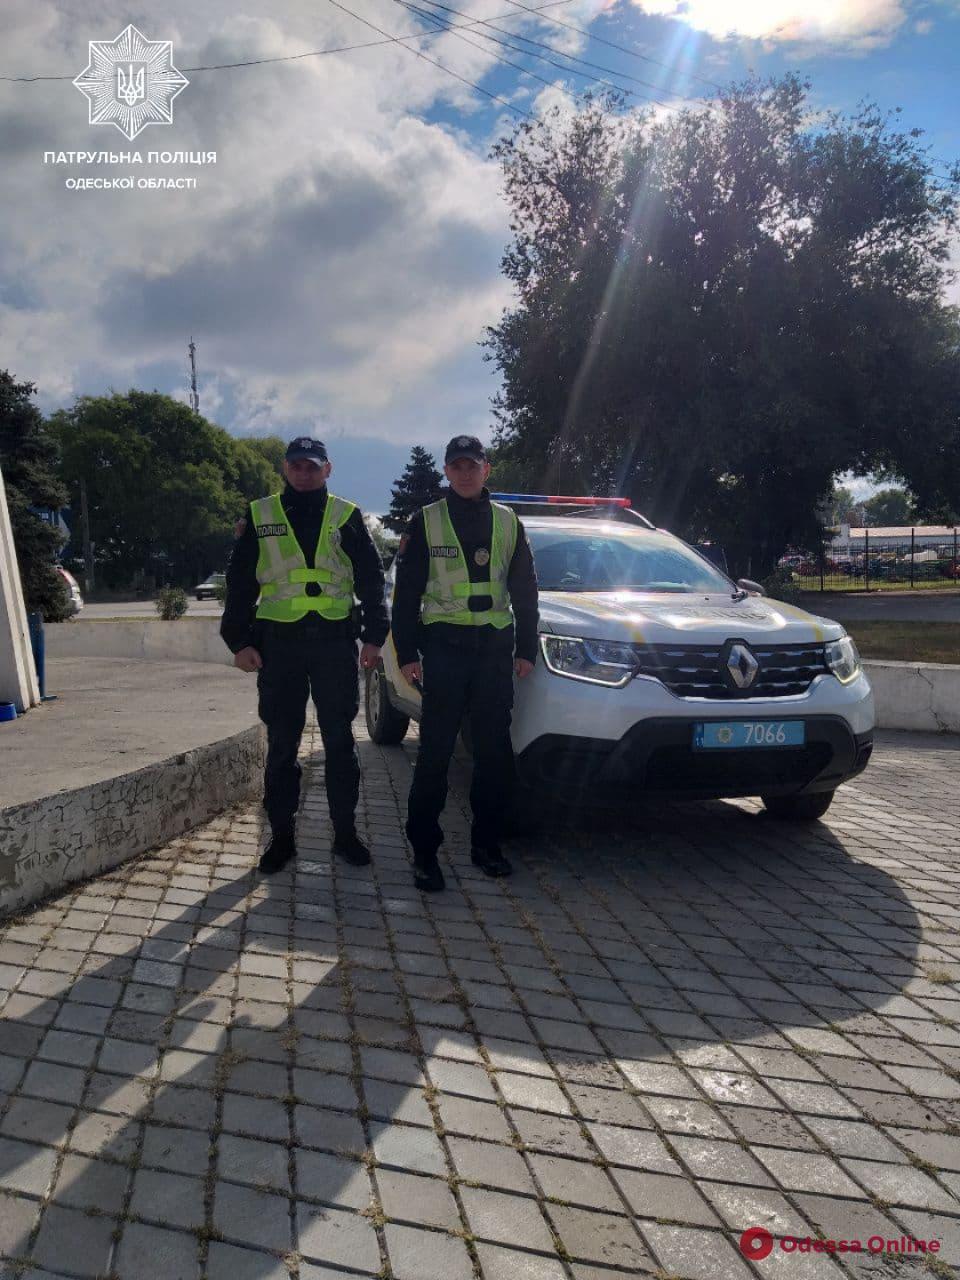 Одесские патрульные помогли срочно довезти роженицу в больницу